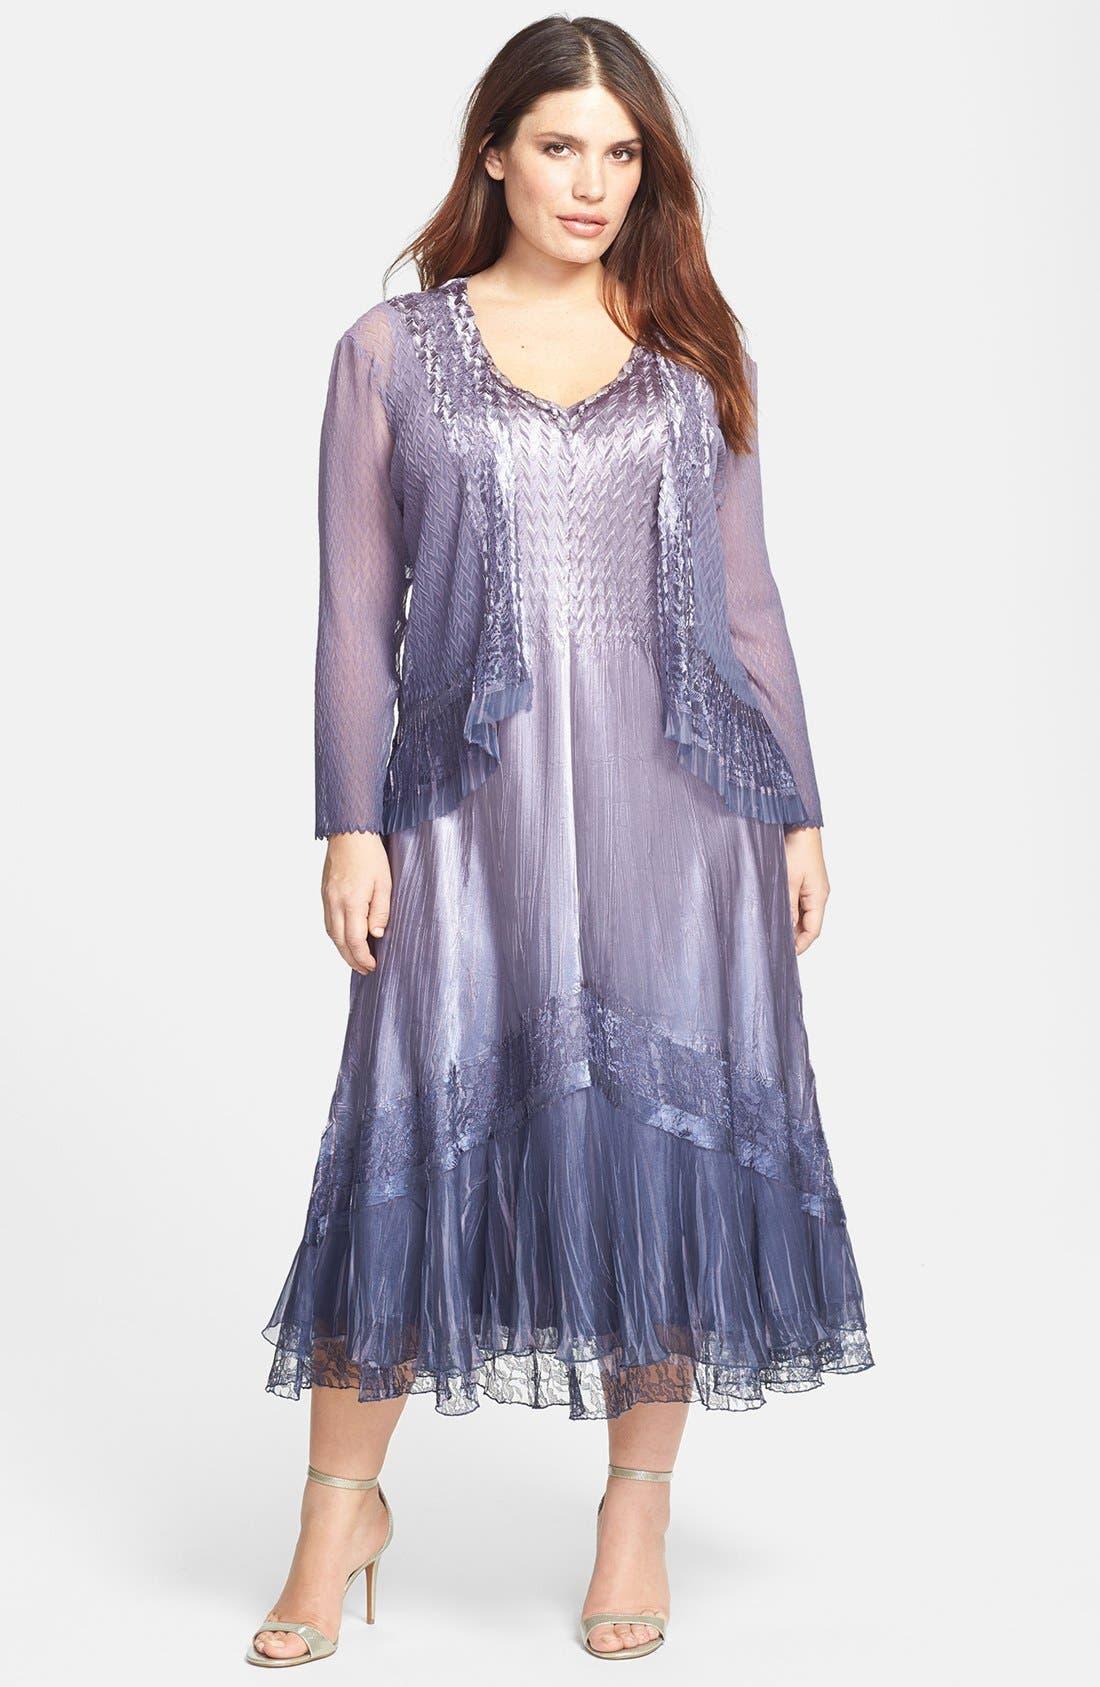 Main Image - Komarov Embellished Mixed Media Dress & Jacket (Plus Size)